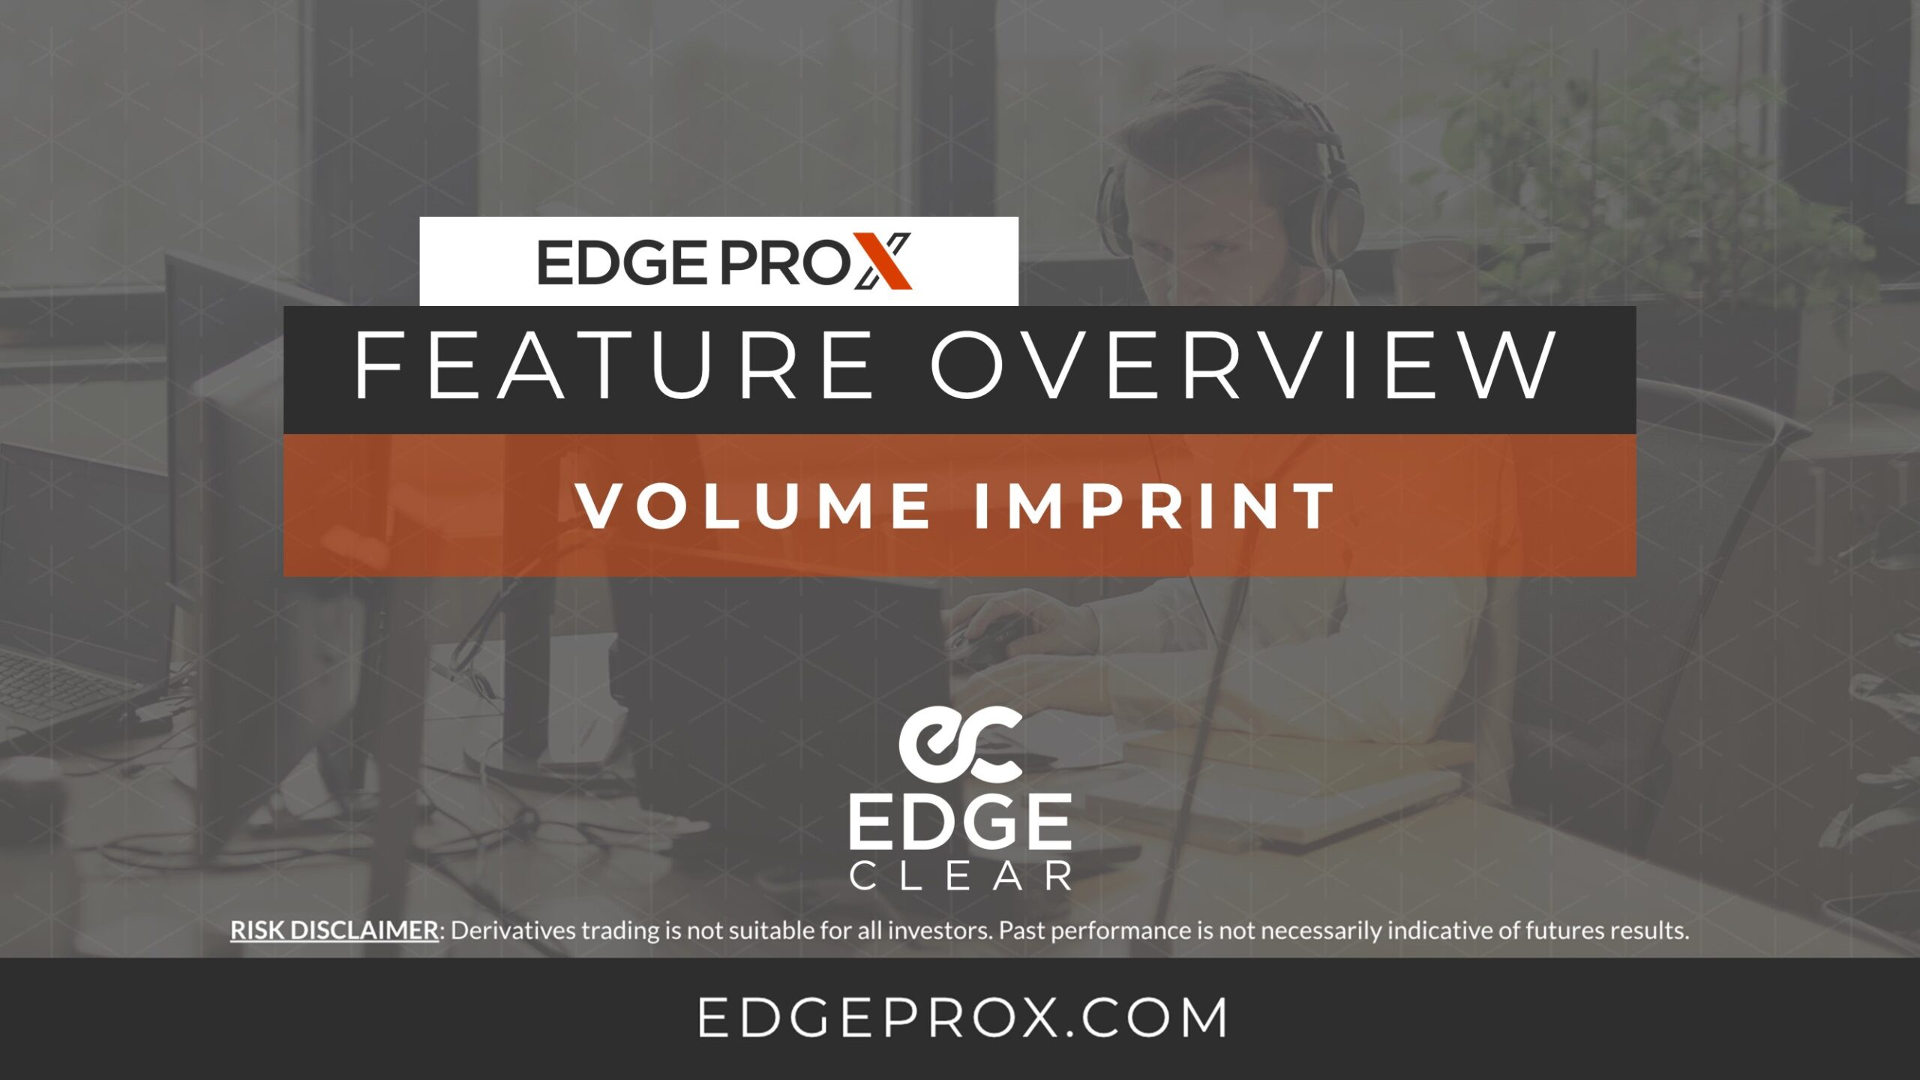 EdgeProX Volume Imprint